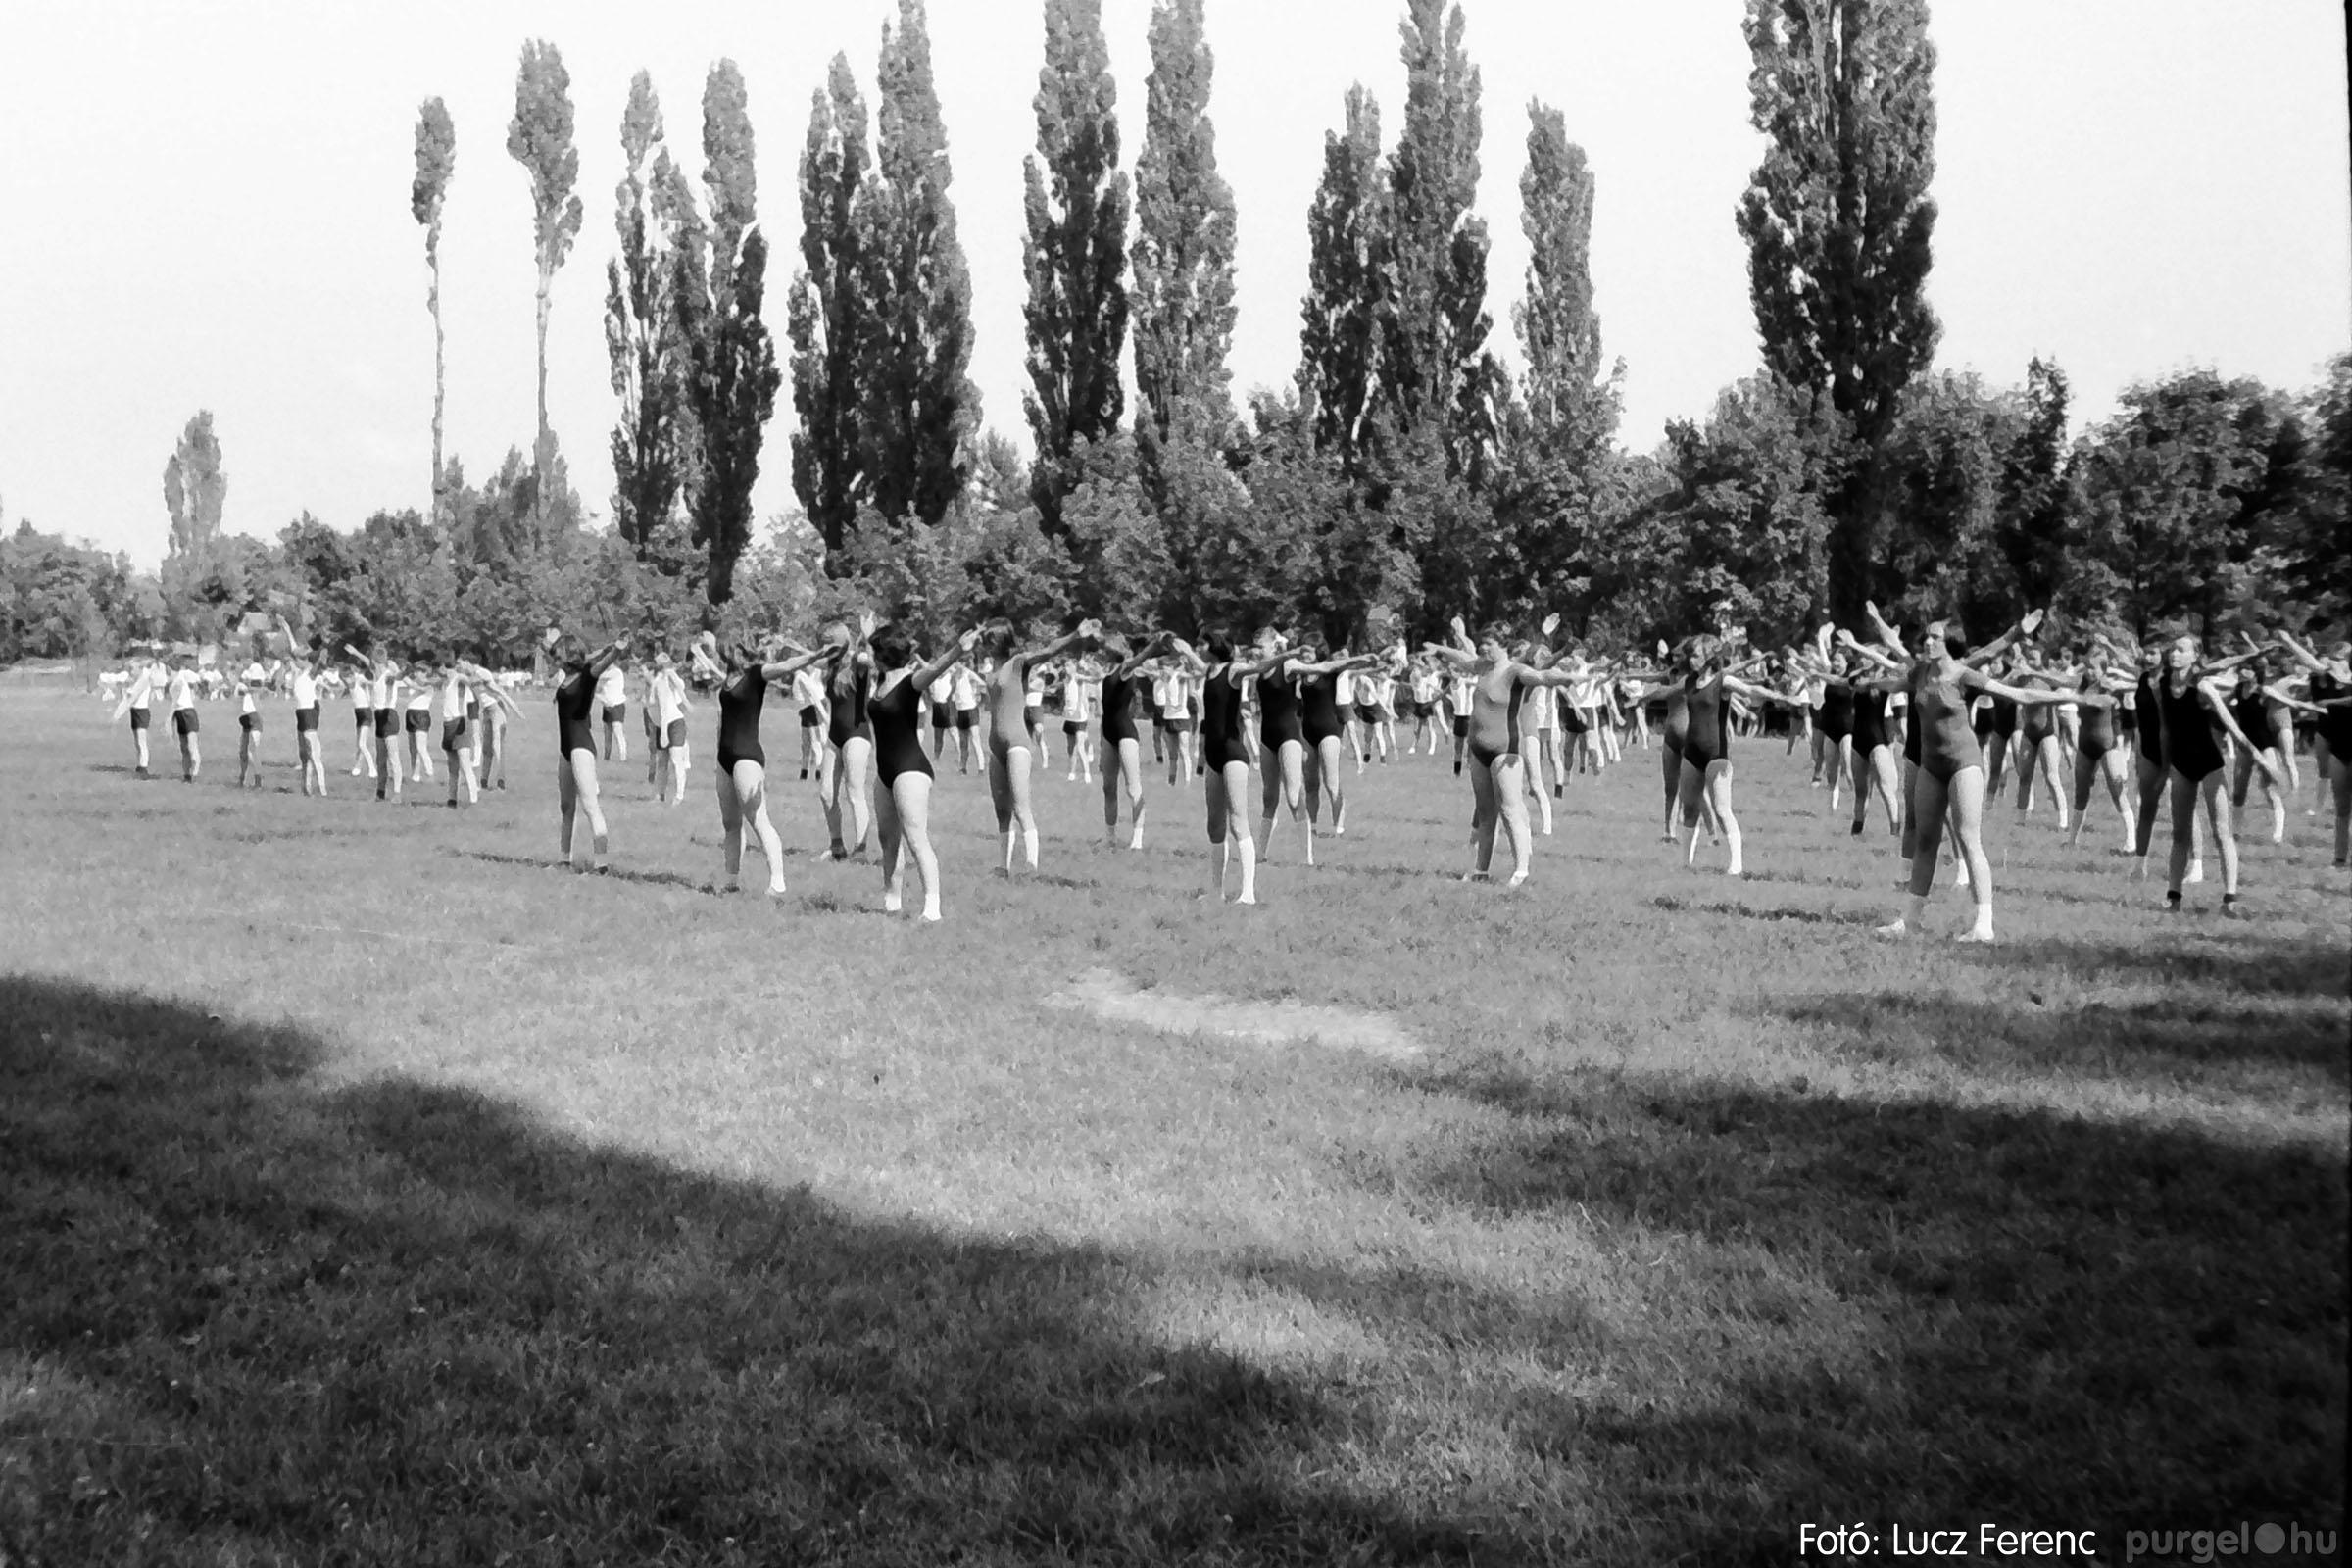 017 1975.04. Május elsejei tornabemutató főpróbája a sportpályán 023 - Fotó: Lucz Ferenc IMG00024q.jpg